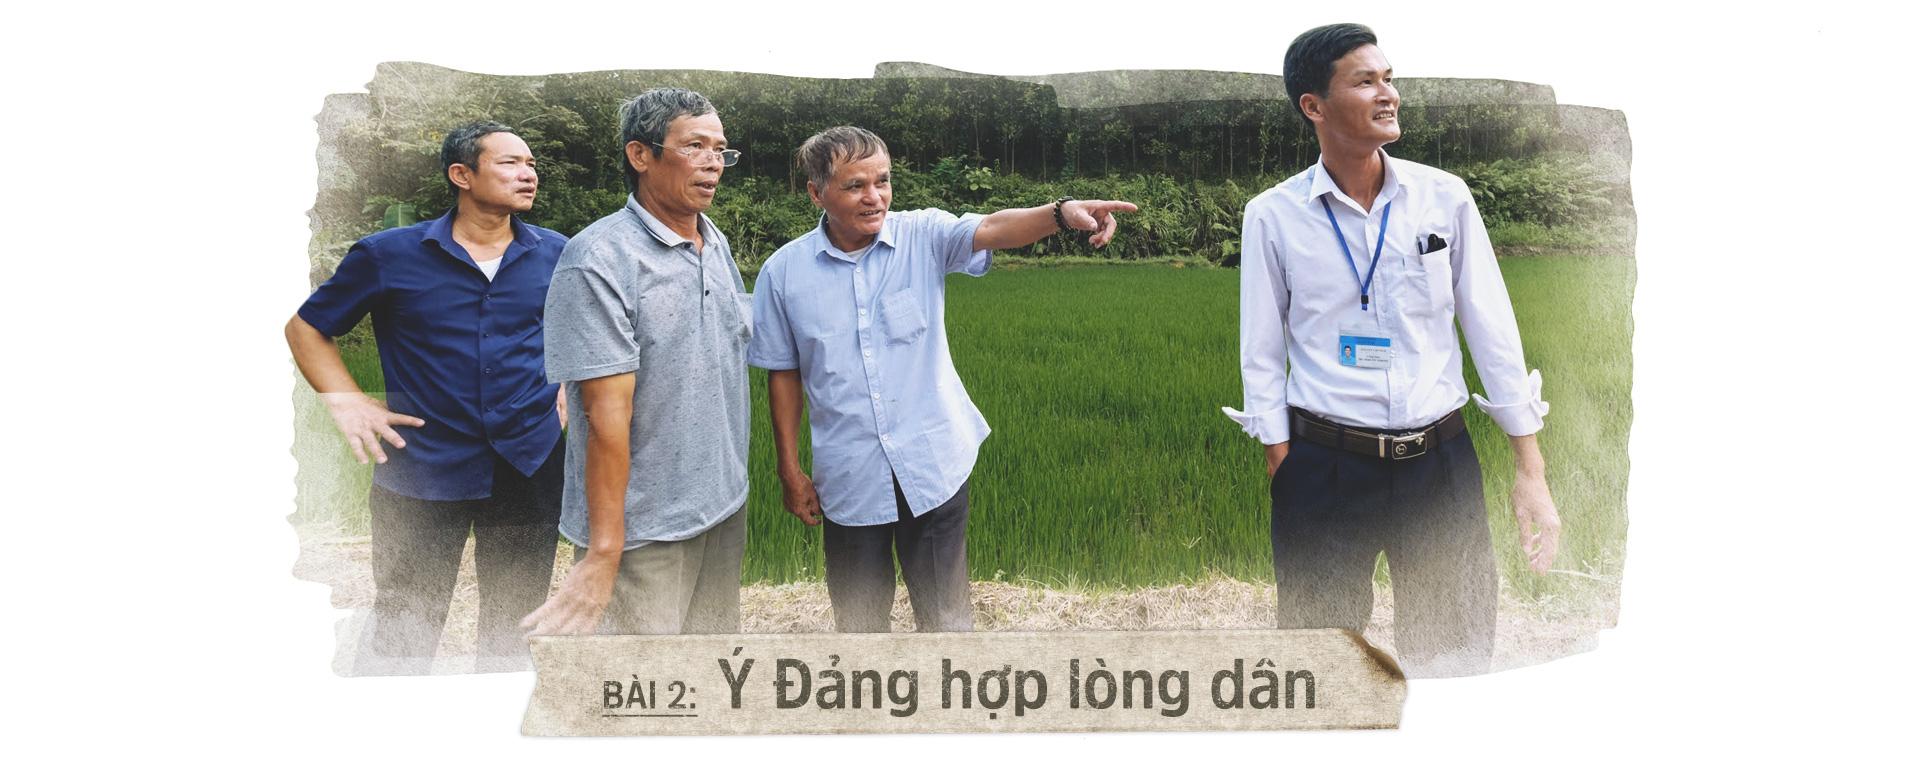 Quảng Ninh - Vì một tuyến cao tốc dài nhất Việt Nam - Ảnh 10.